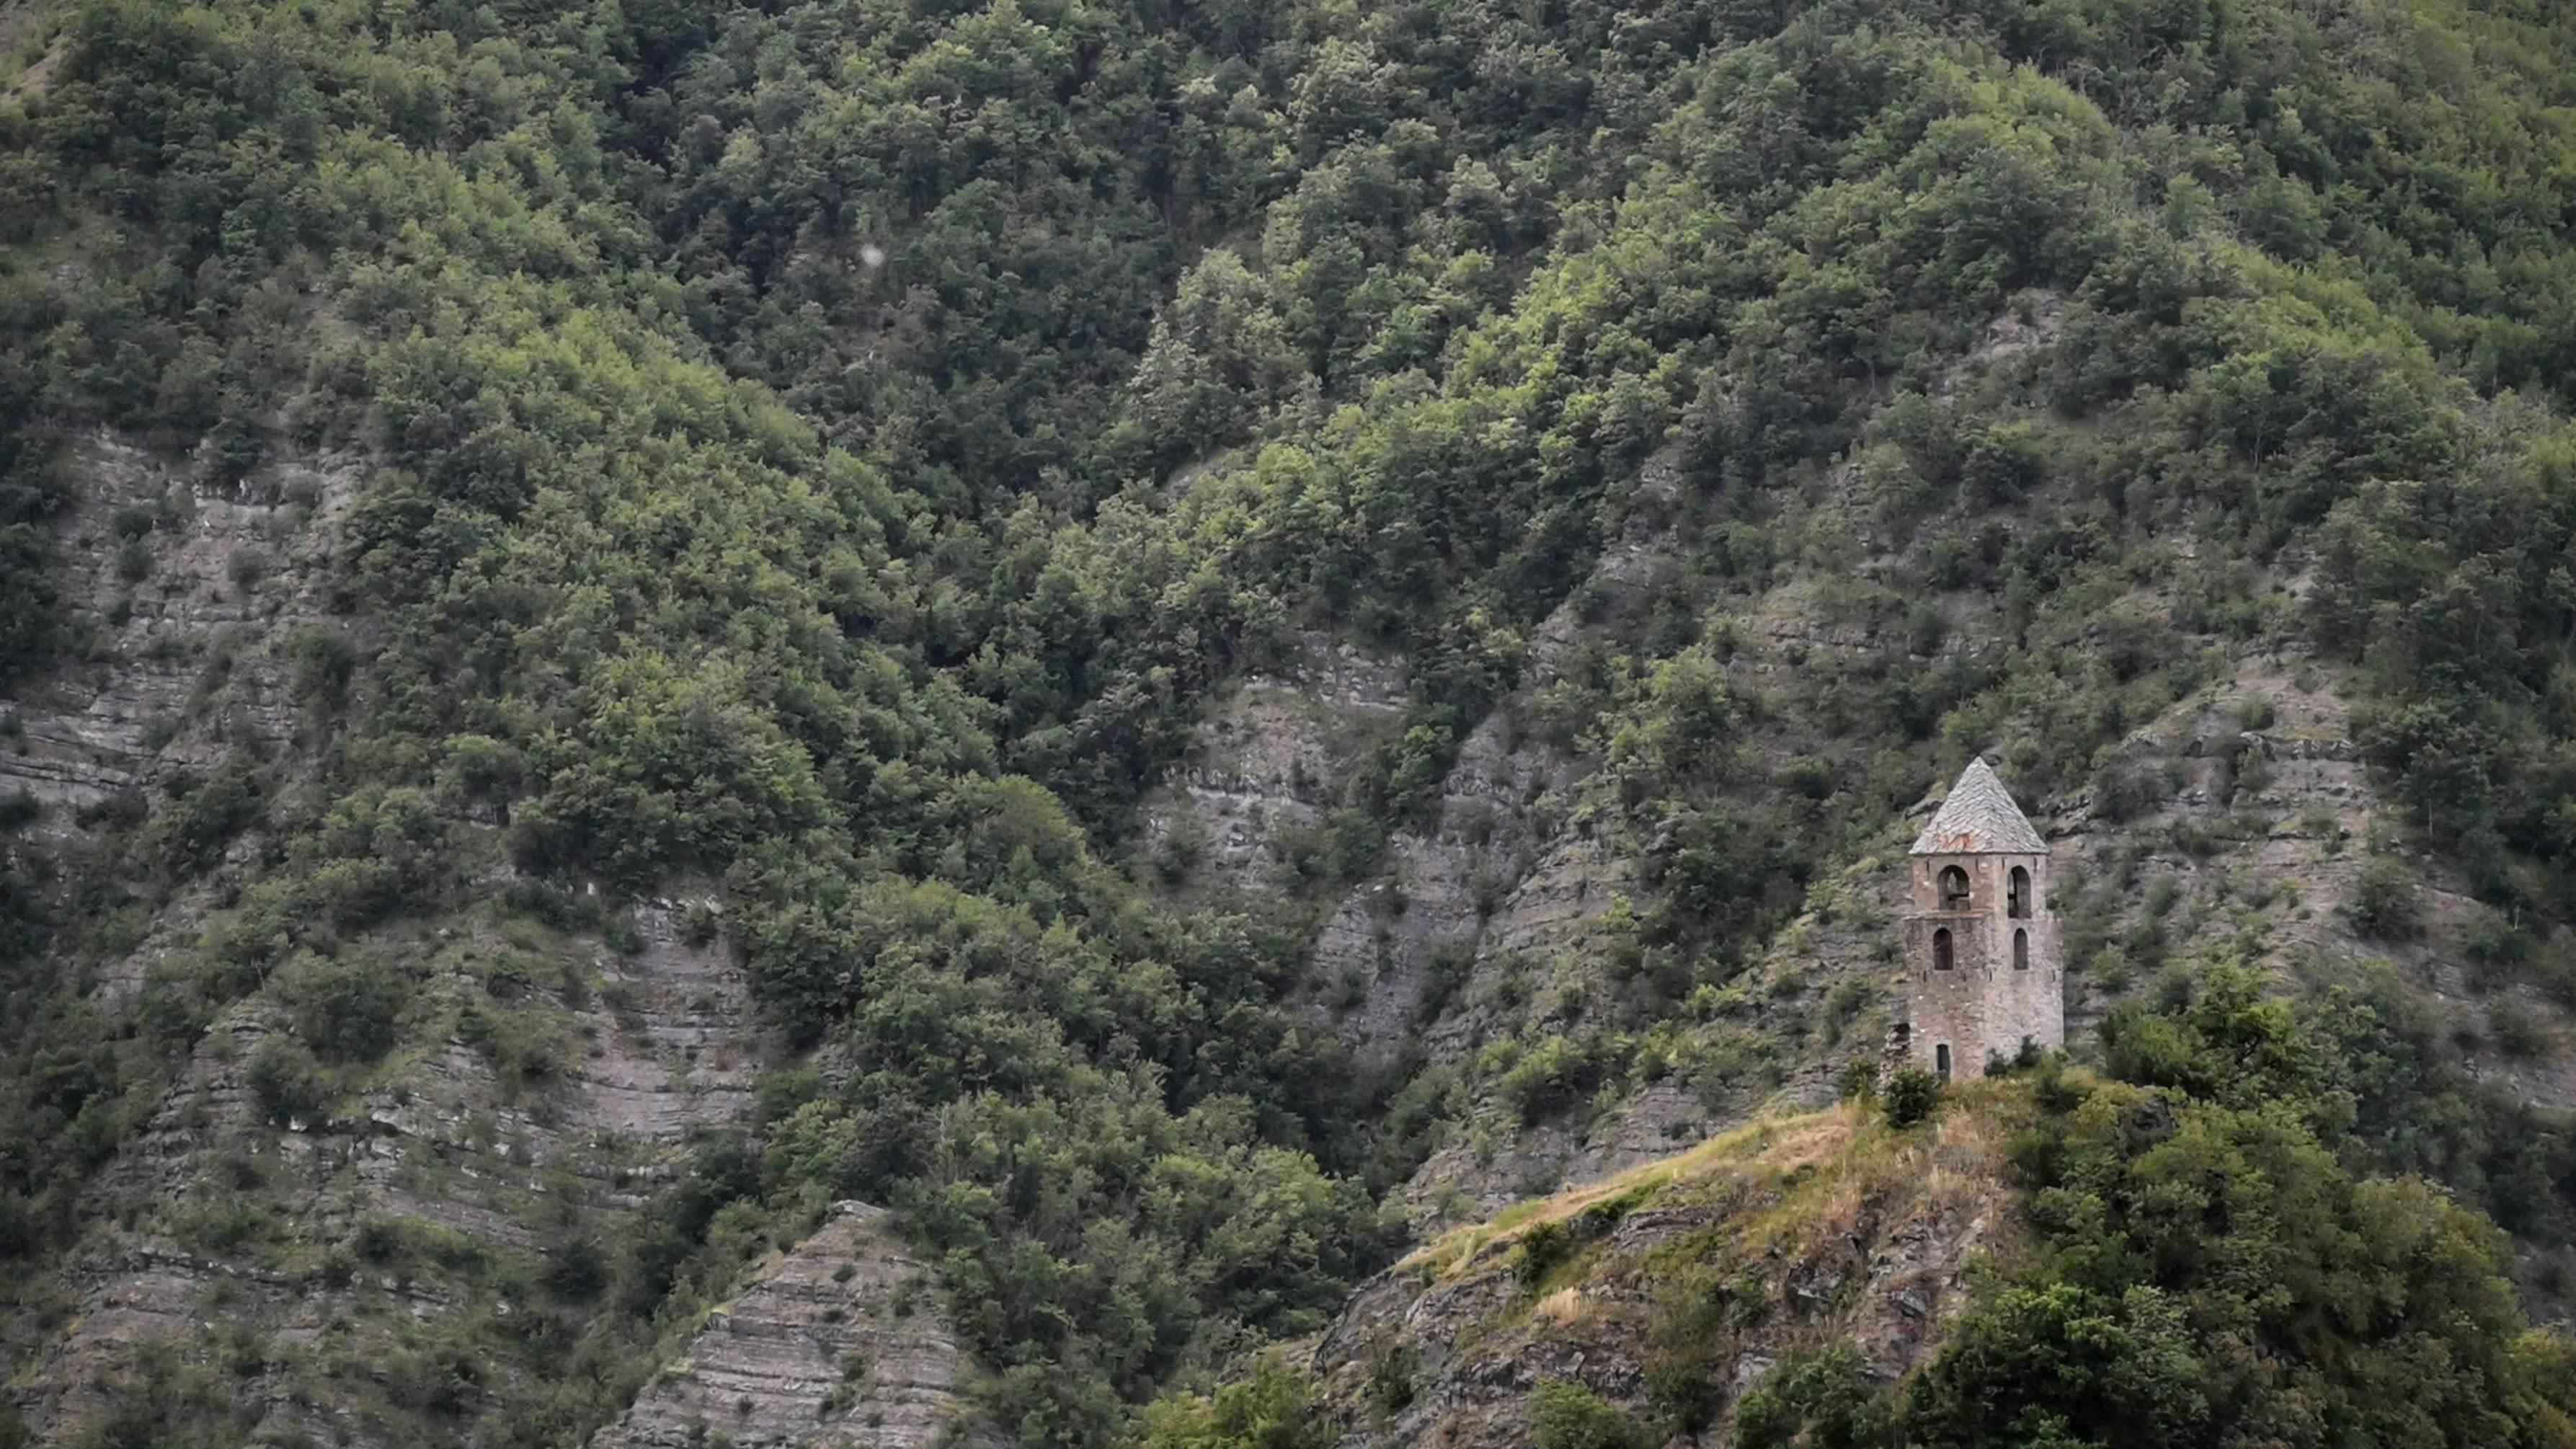 Antico Campanile di Rocca Corneta nell'Appennino Bolognese